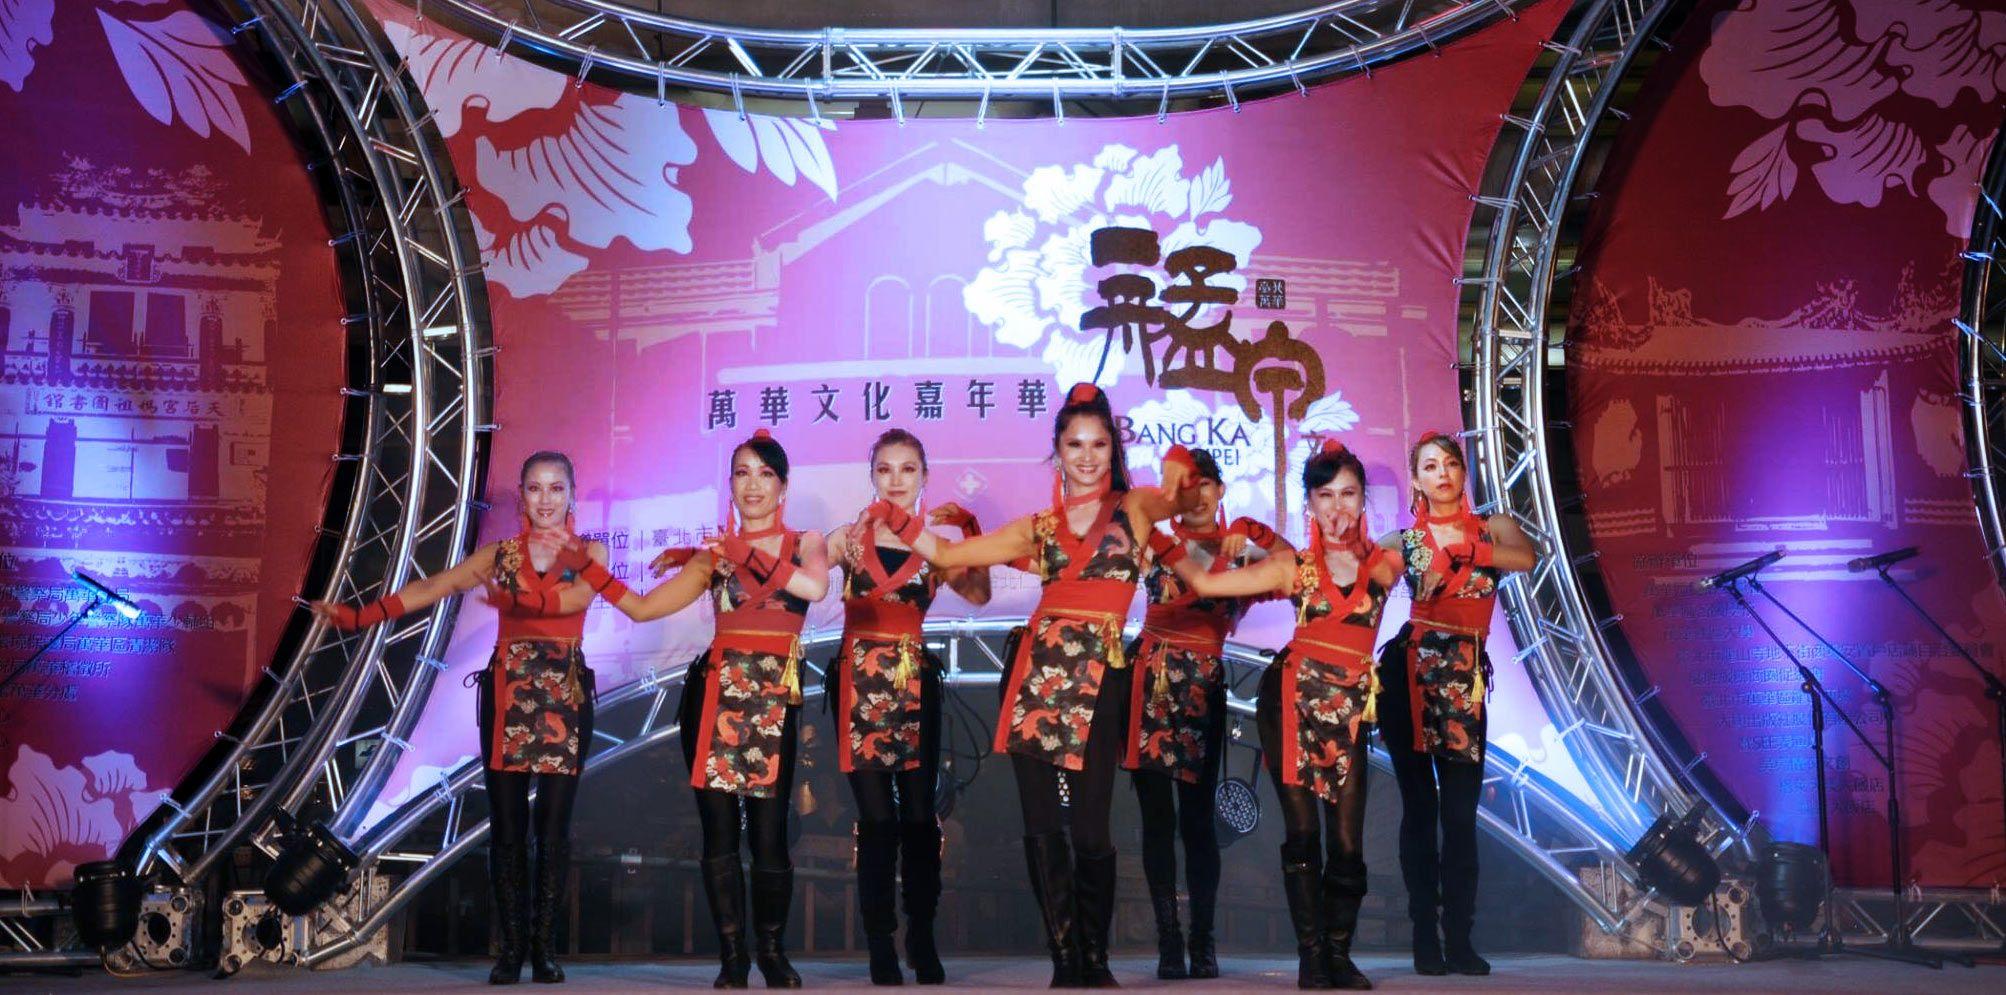 Grup Tari Liu Liu pentas tari di salah satu acara